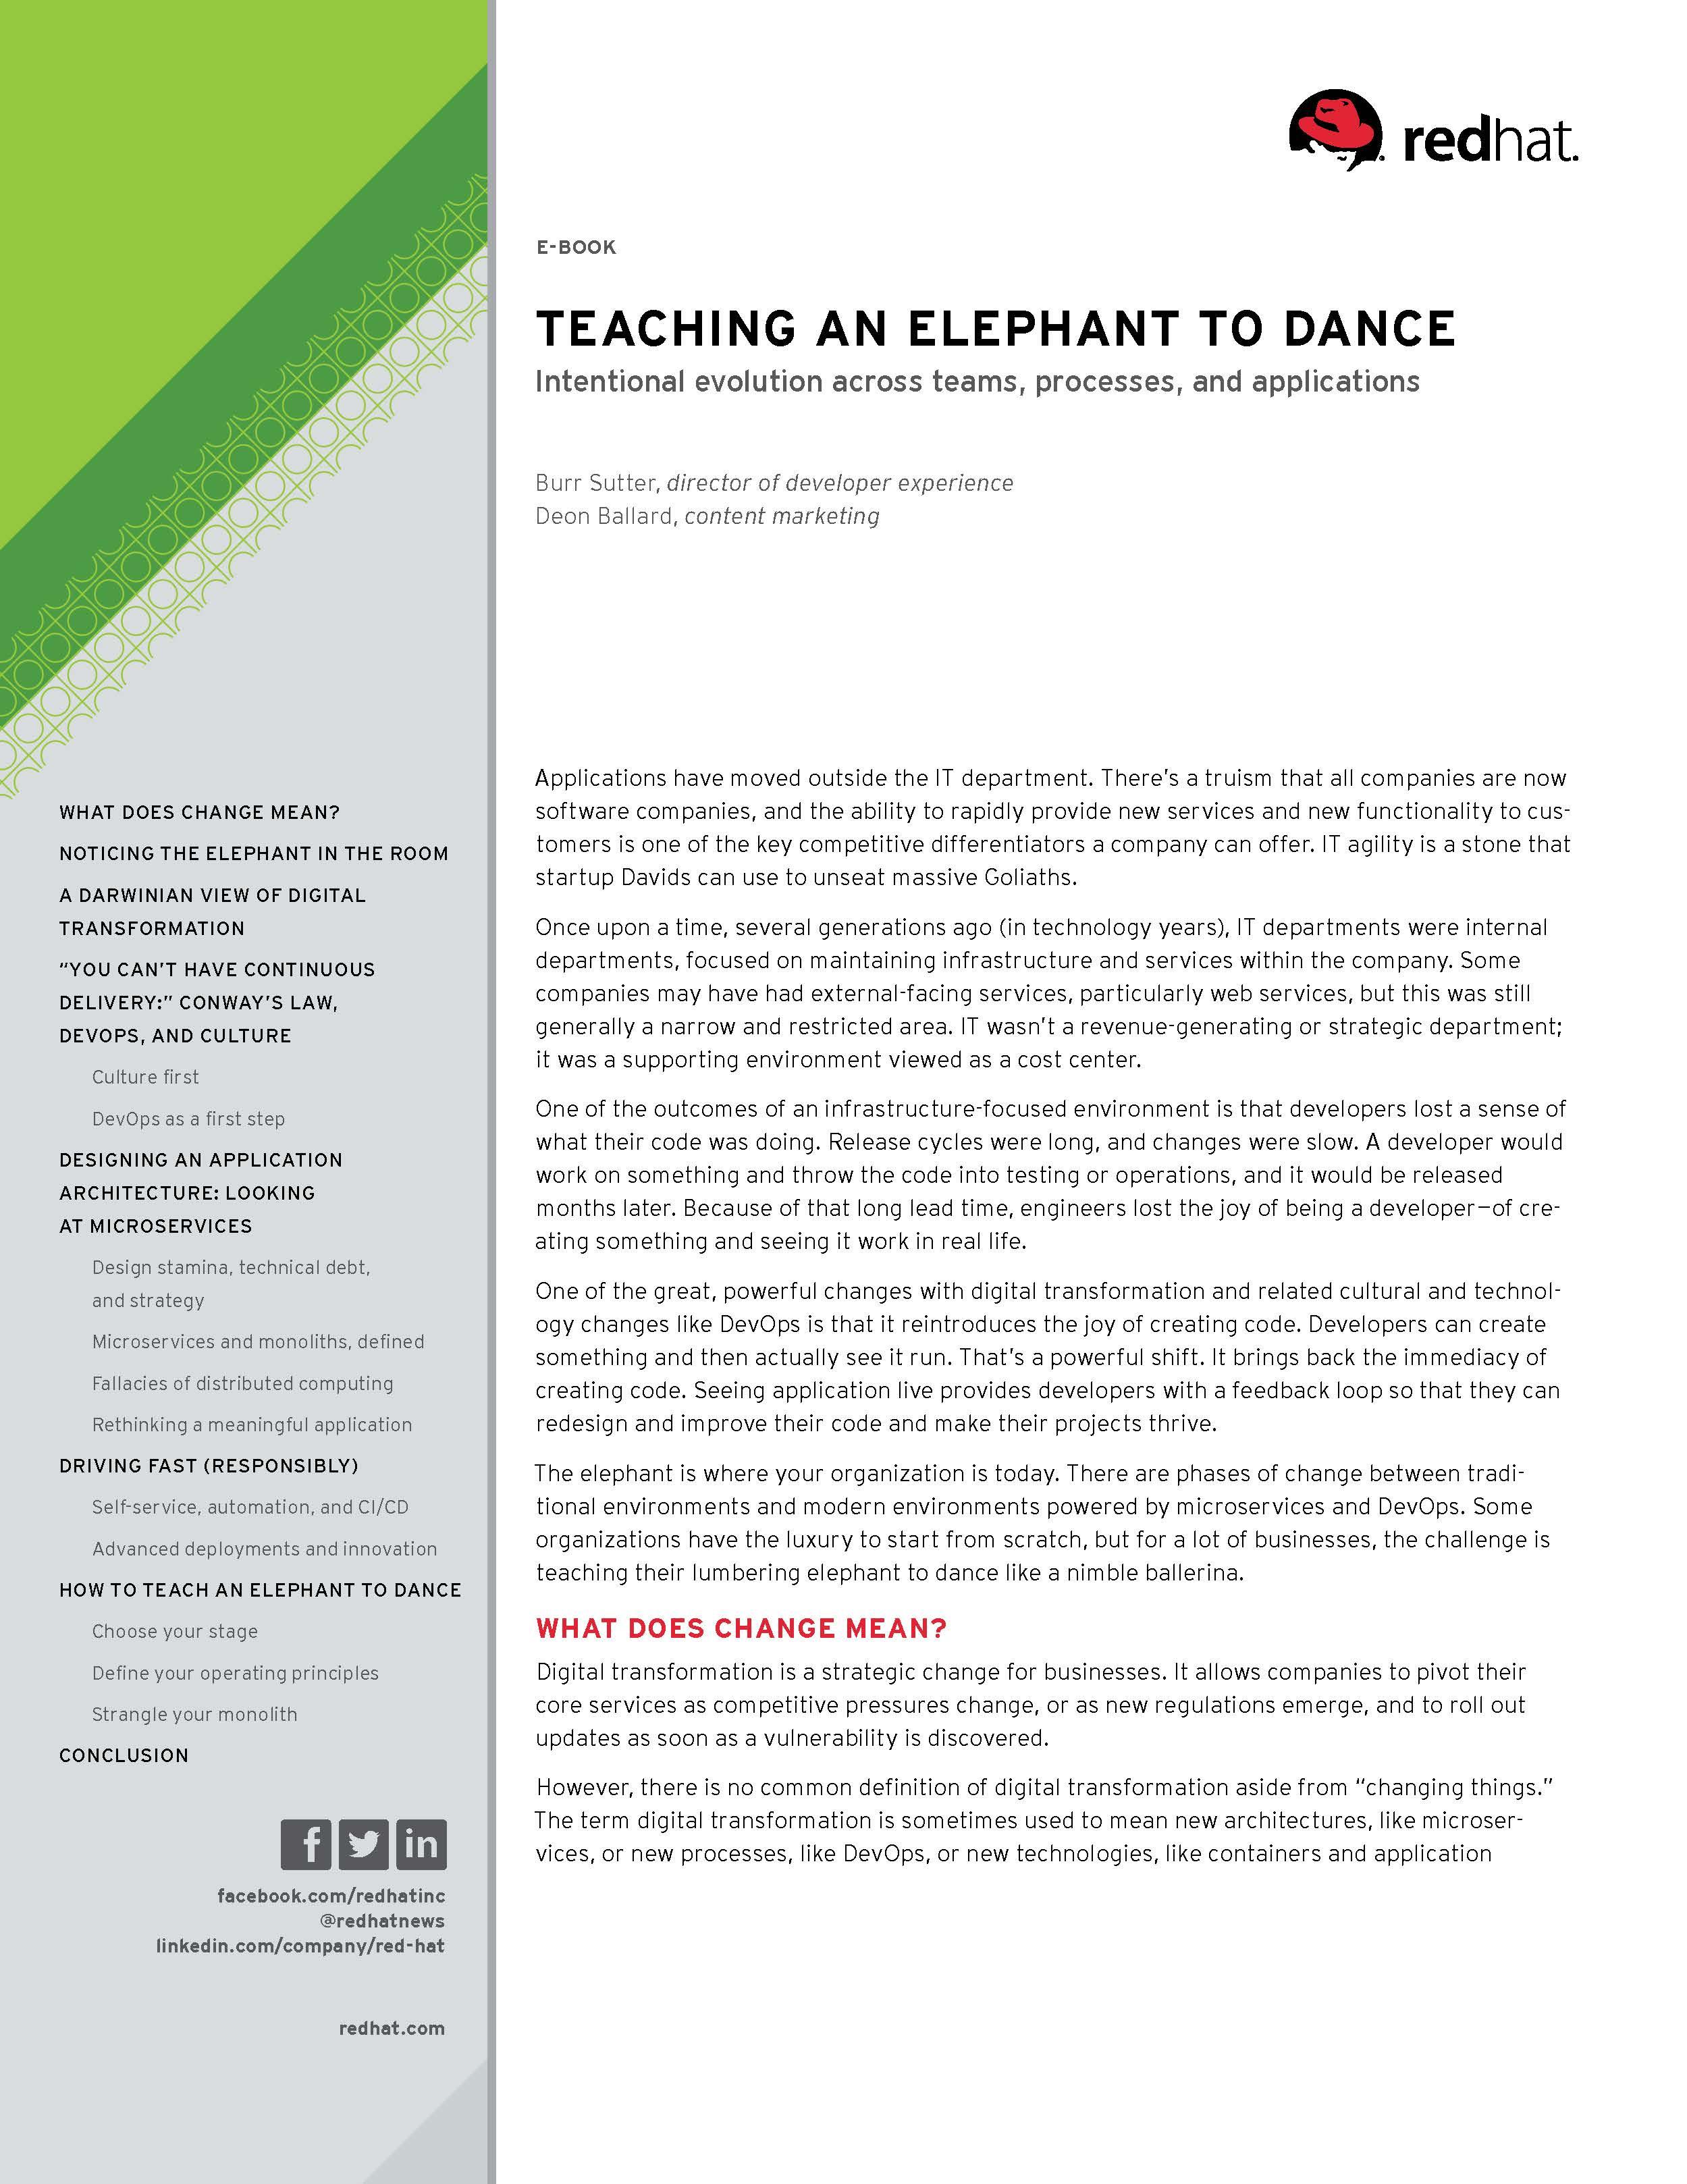 mi-middleware-teaching-elephant-to-dance-ebook-f8980kc-201709-en_Page_01